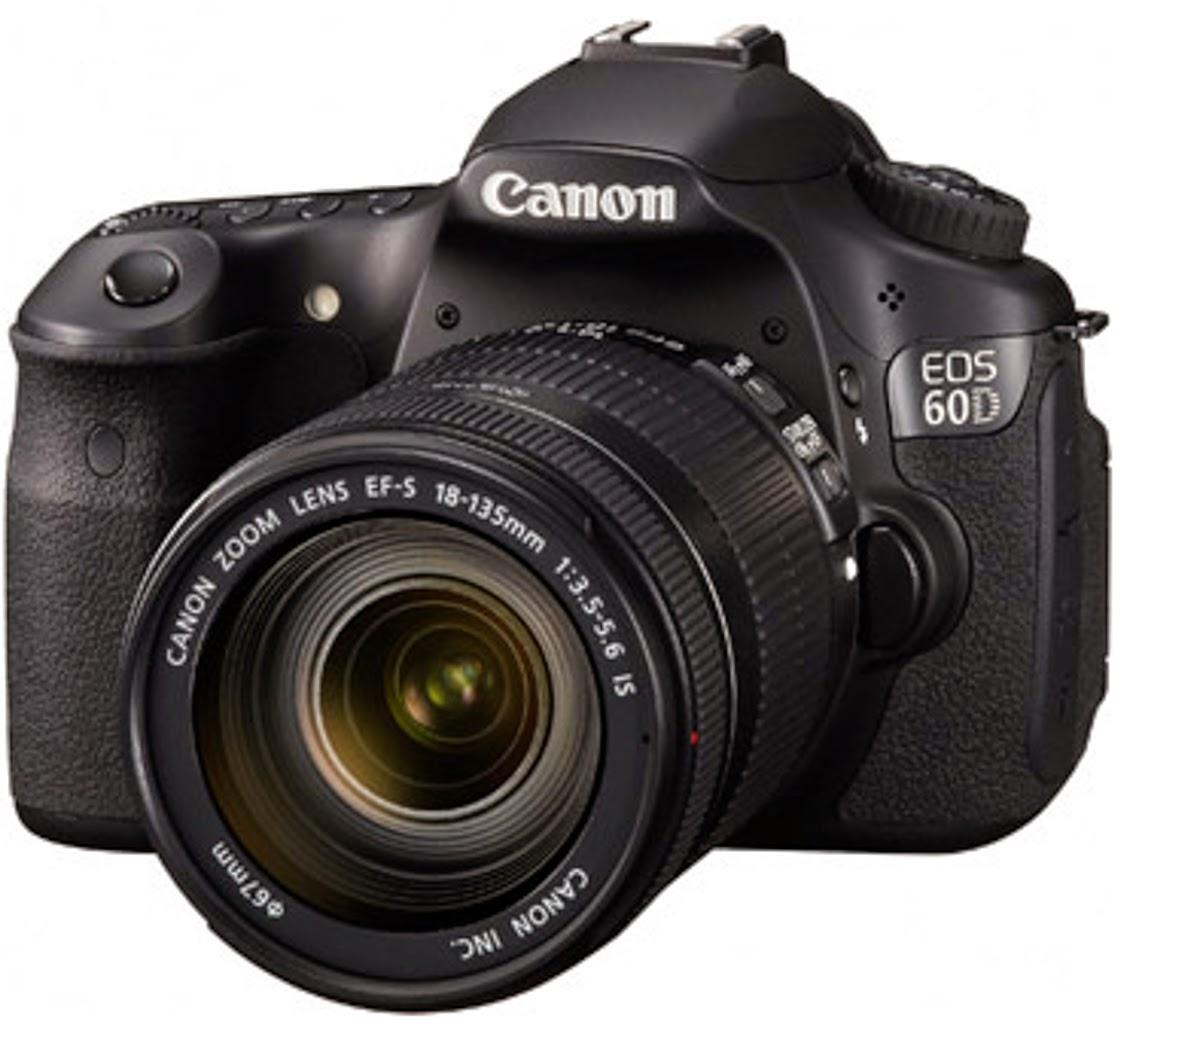 canon camera news 2018 canon eos 60d pdf user guide manual downloads rh canoncameranews capetown info Canon 70D Canon 80D